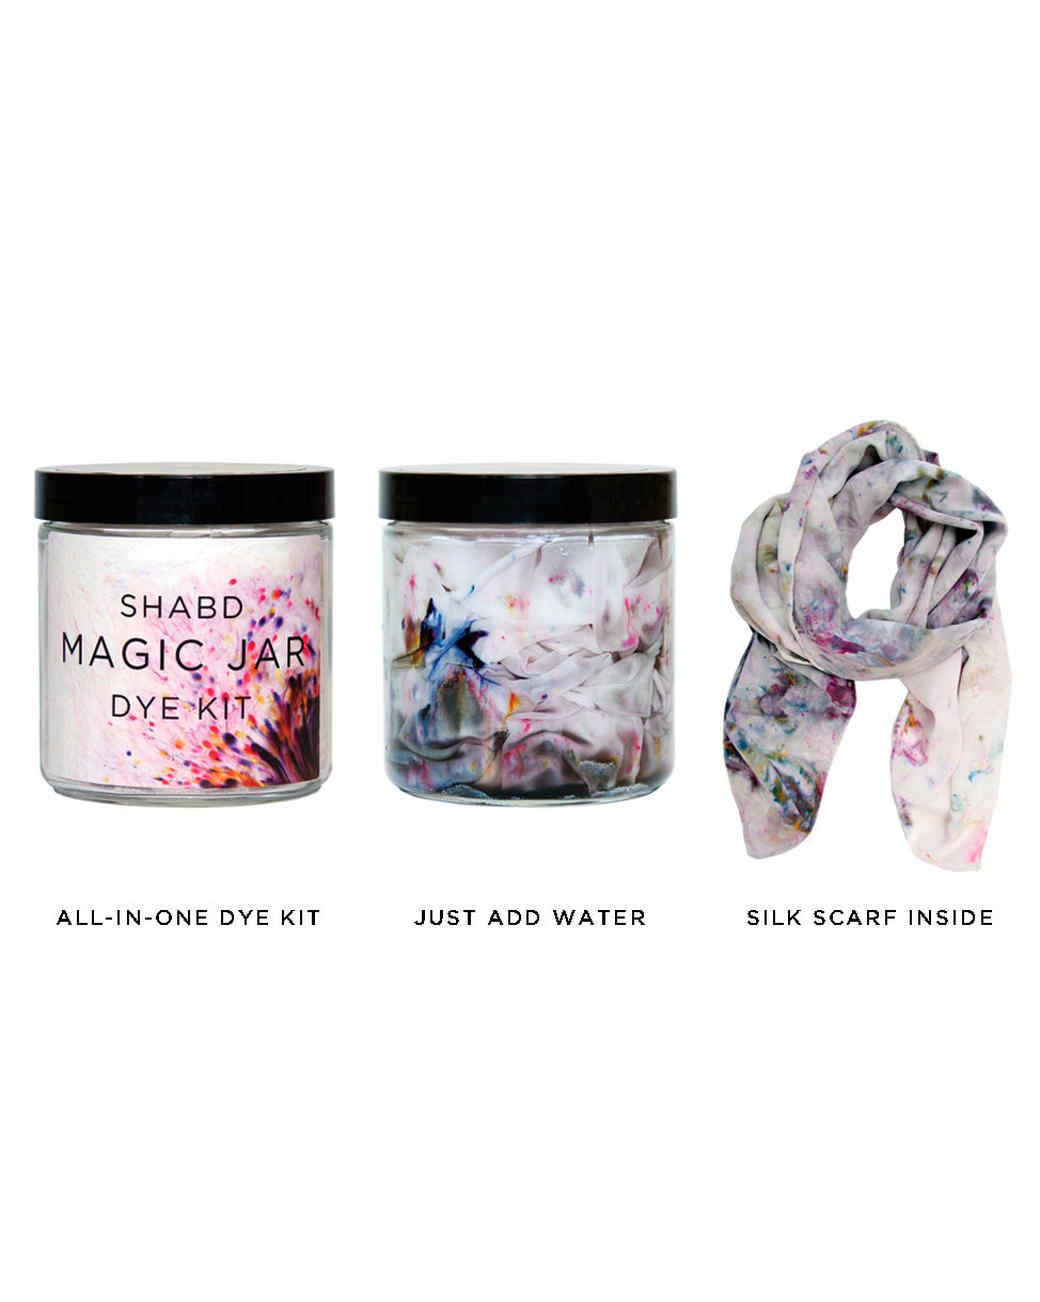 shabd-magic-jar-dye-kit-0915.jpg